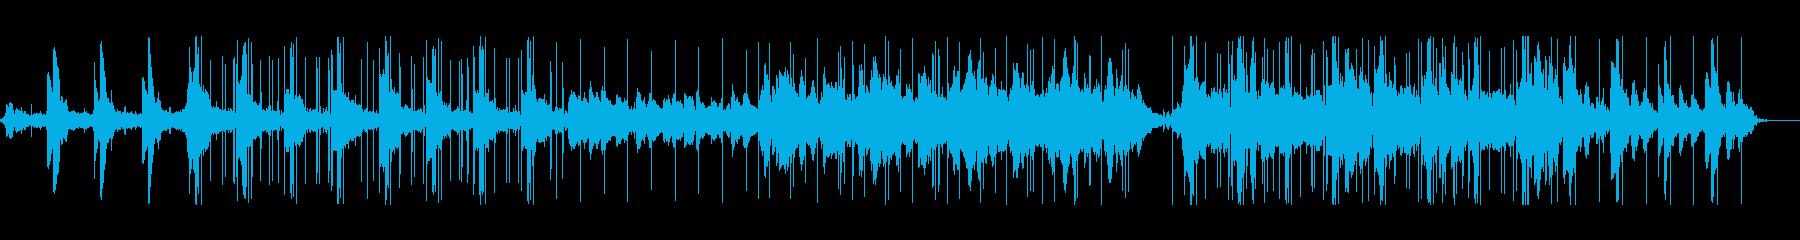 リラックスローファイBGMの再生済みの波形